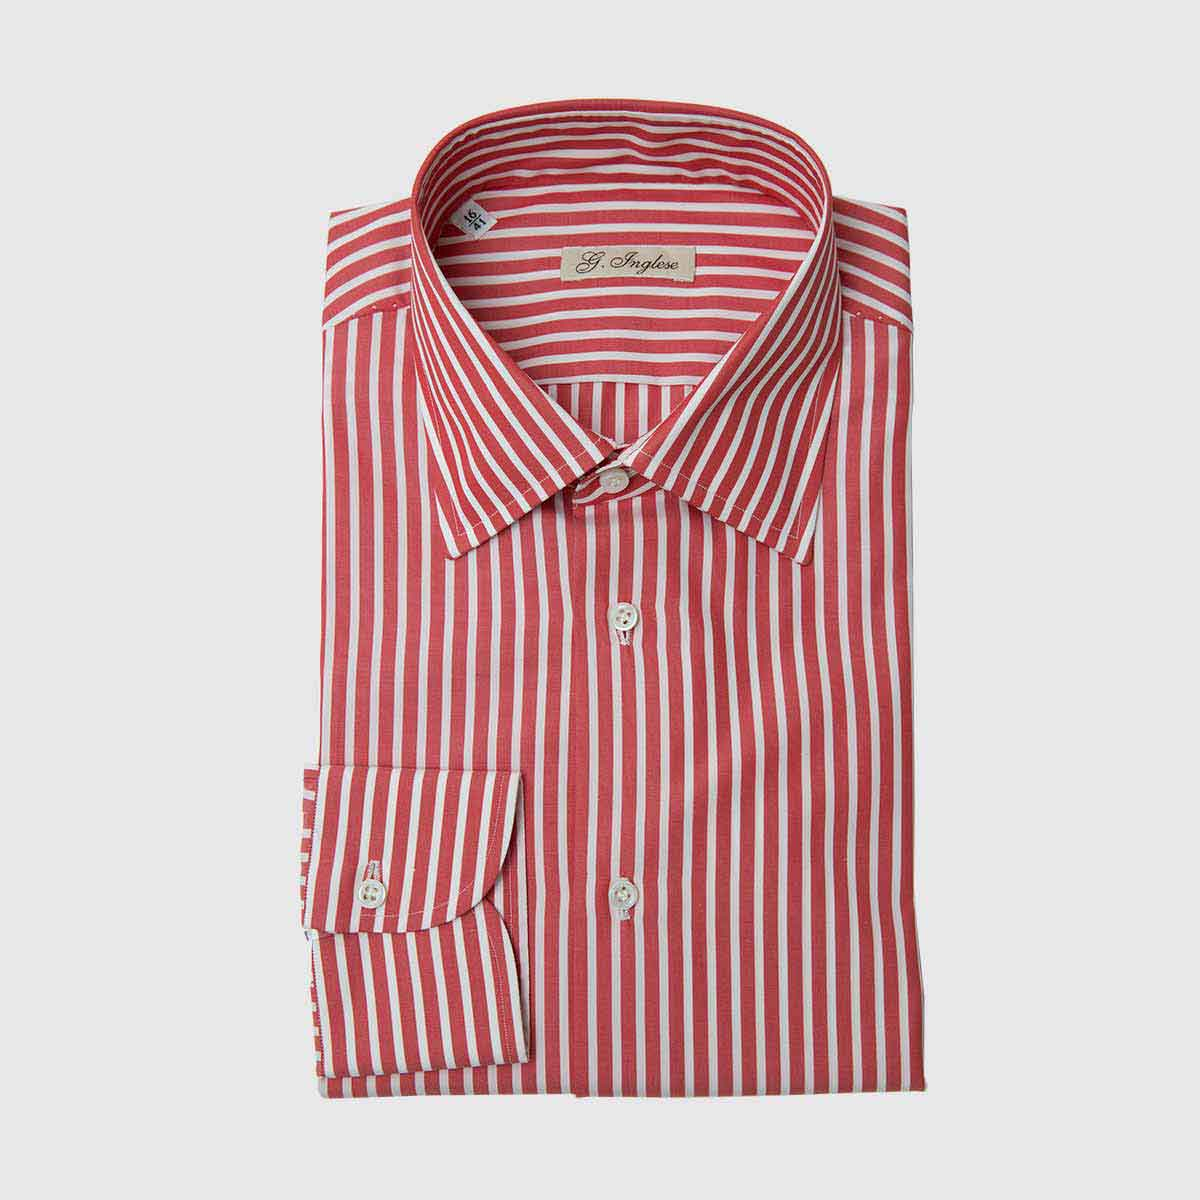 Camicia cotone popeline